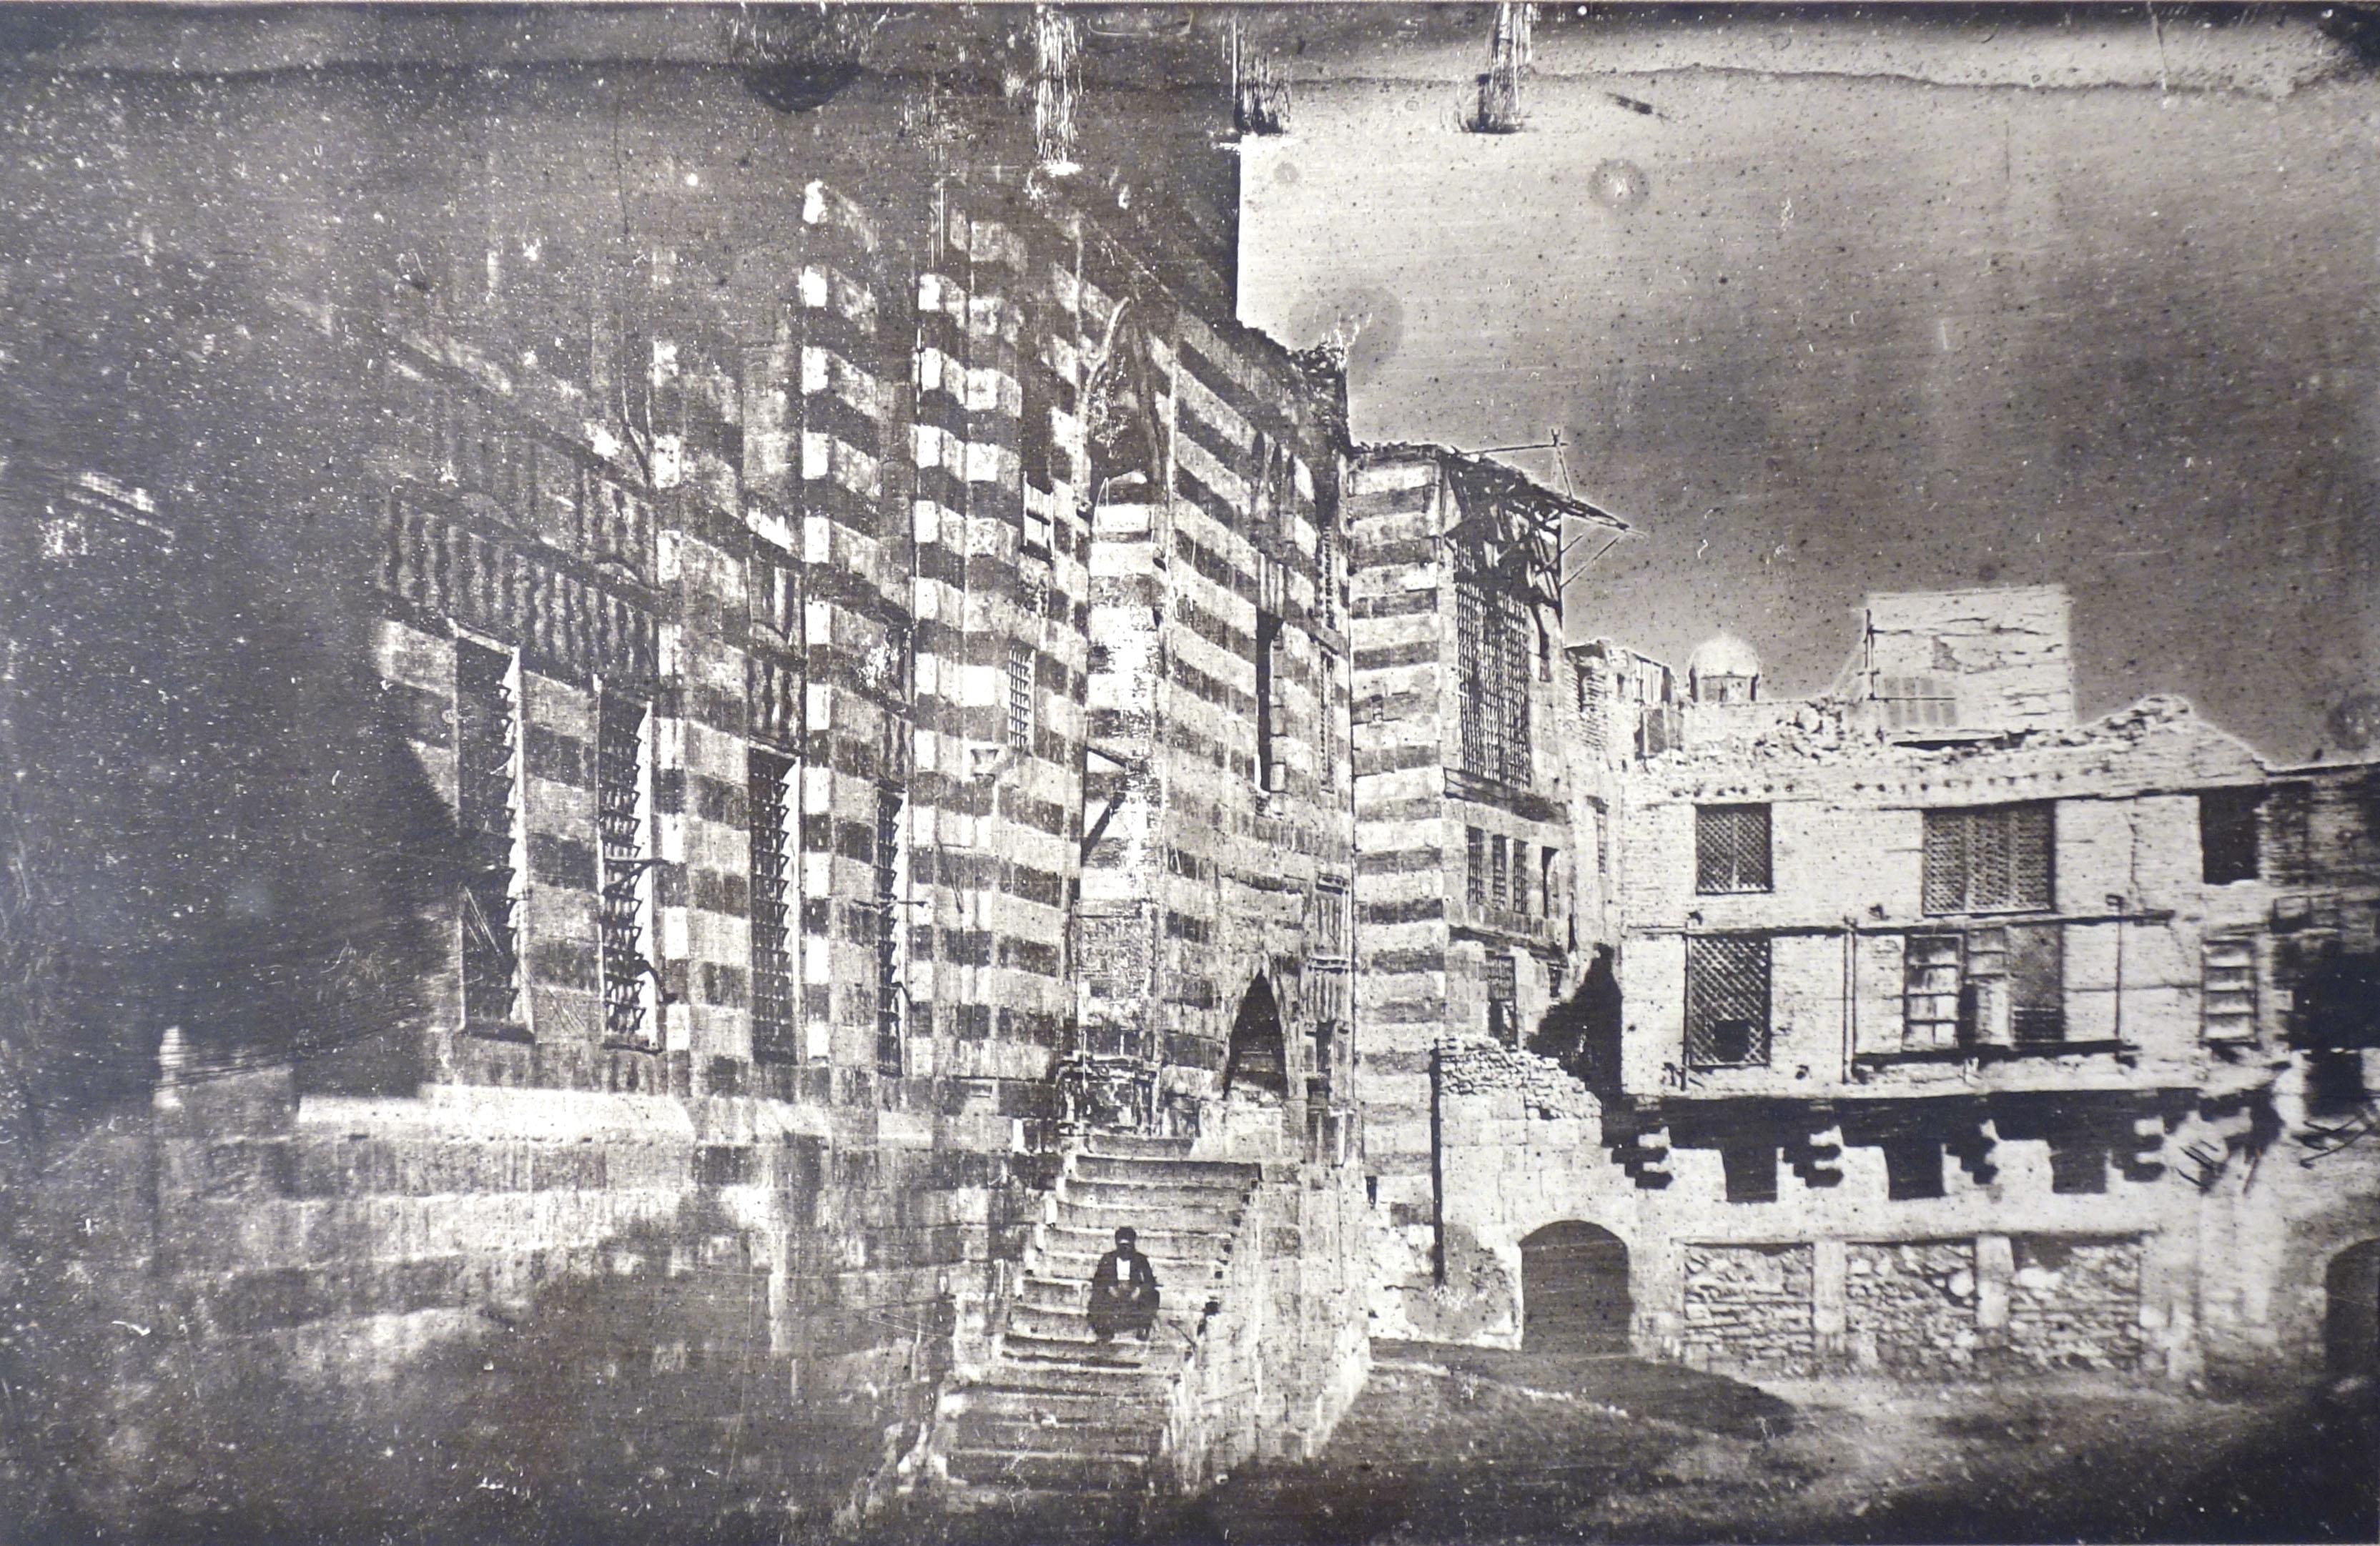 Fotó: Ismeretlen: Régi tér Kairóban, 1843 körül, 12 x 19 cm, dagerrotípia